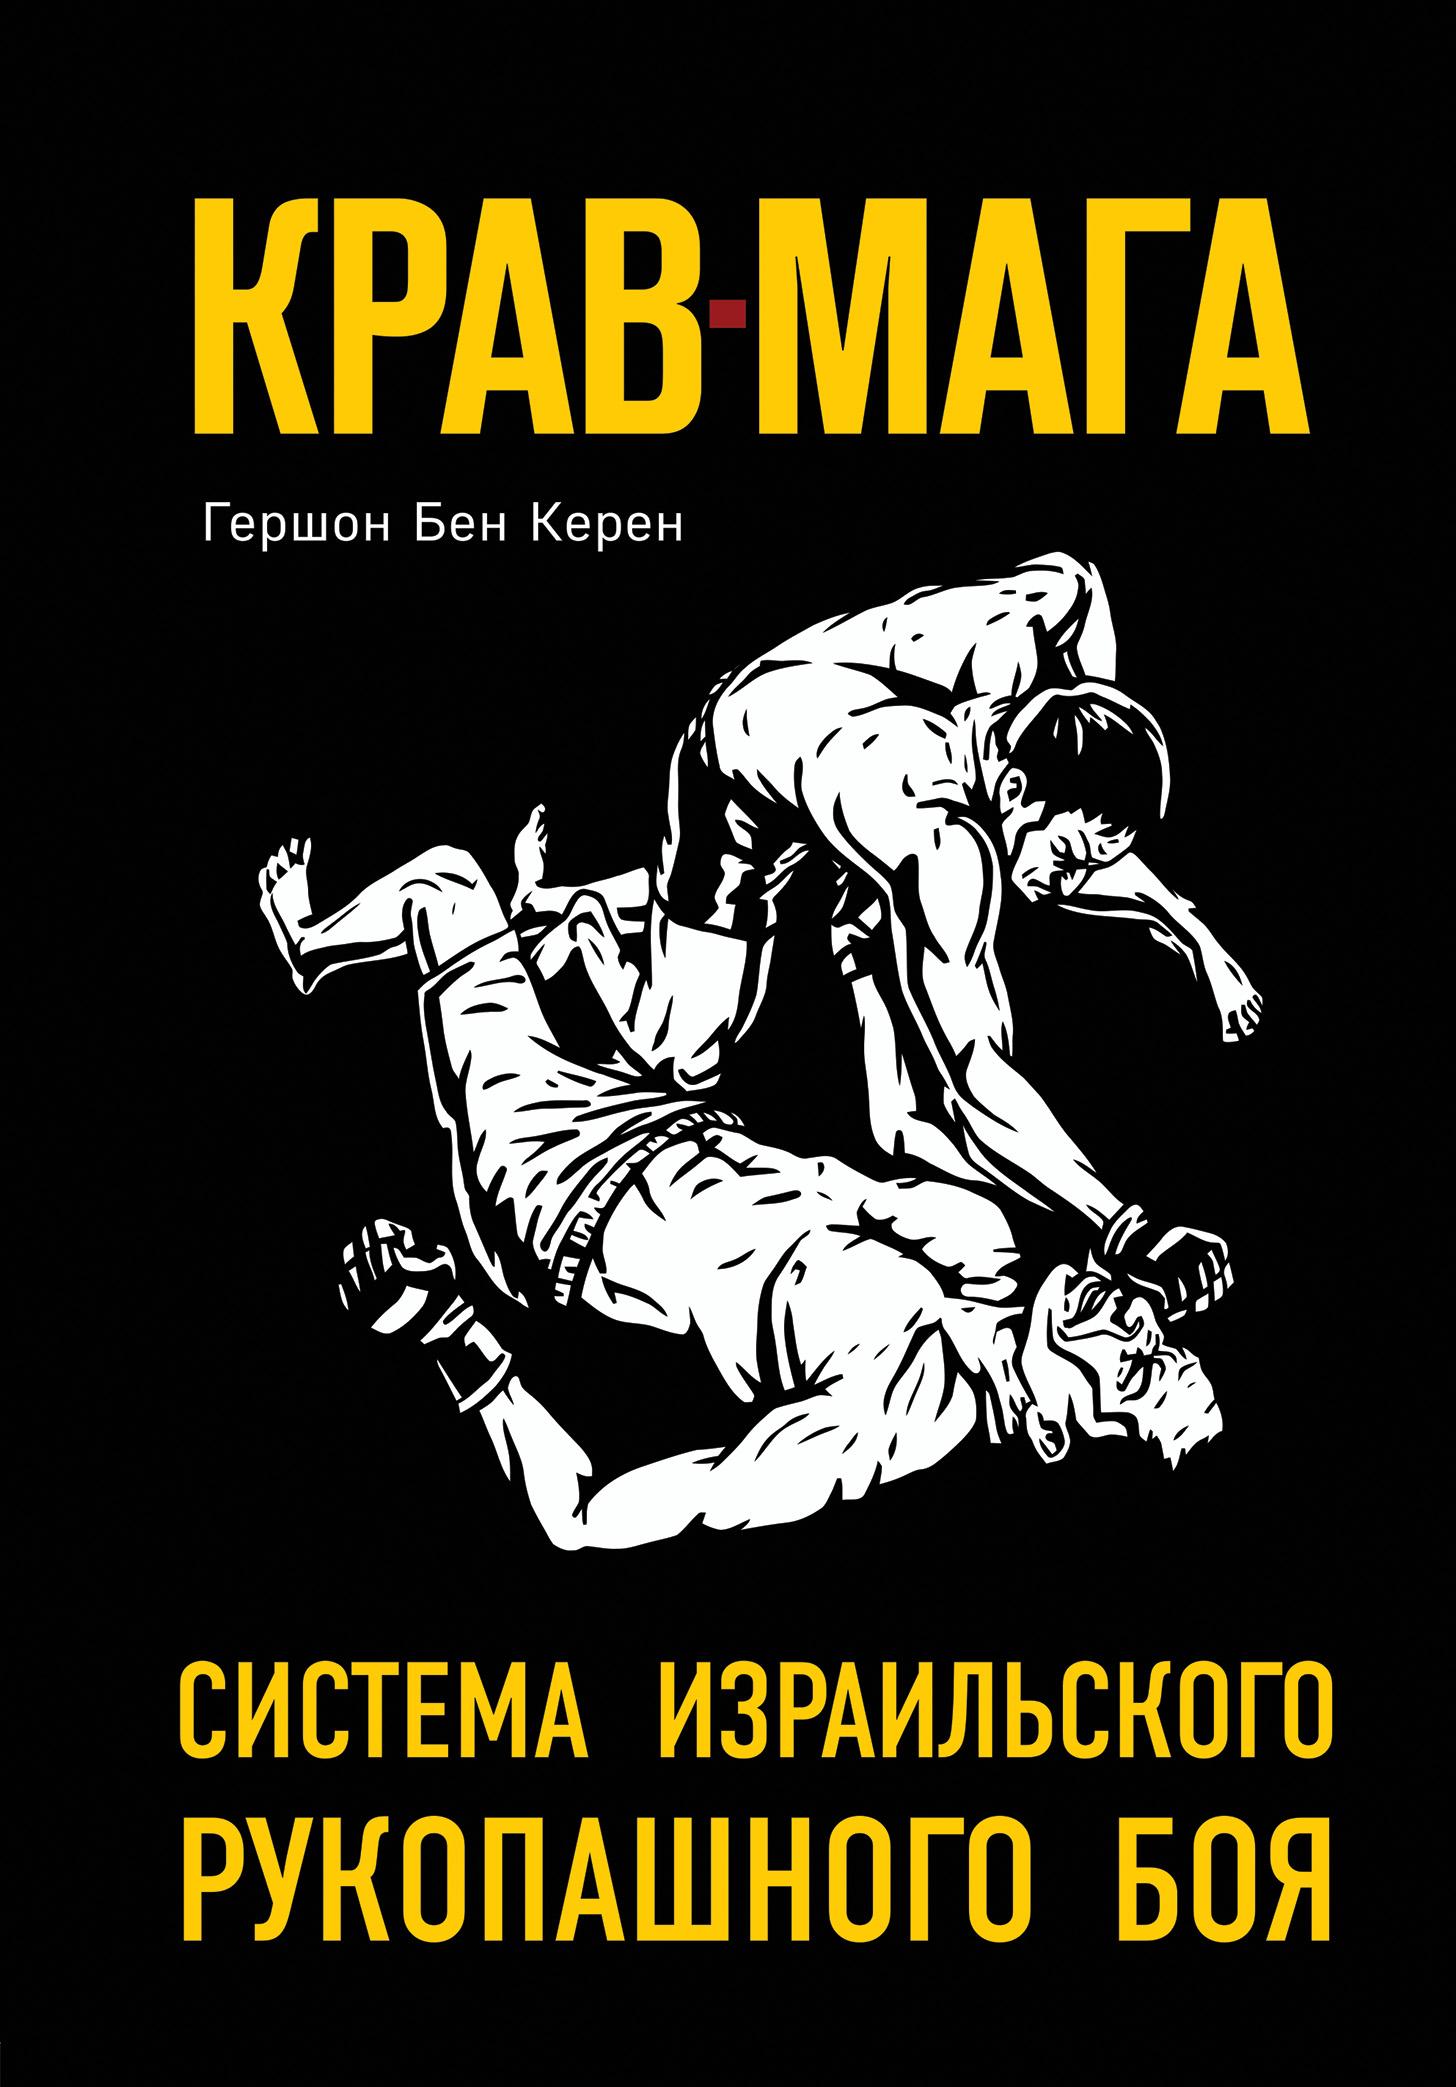 Рукопашный бой и самооборона (самозащита) для всех on Apple Books | 2087x1456